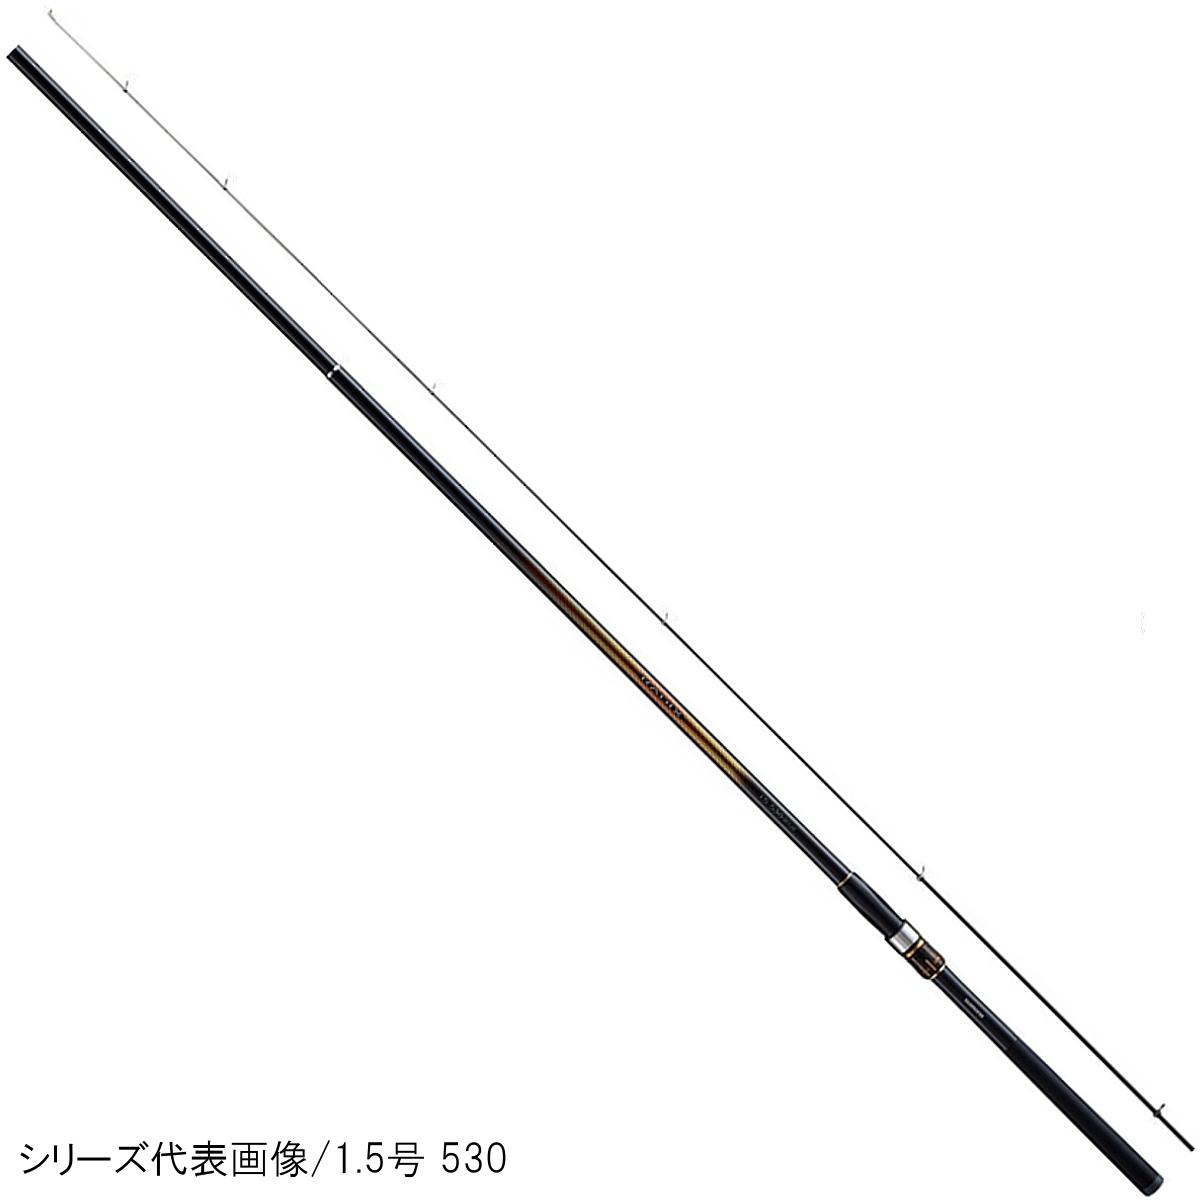 シマノ ラディックス 1.7号 530